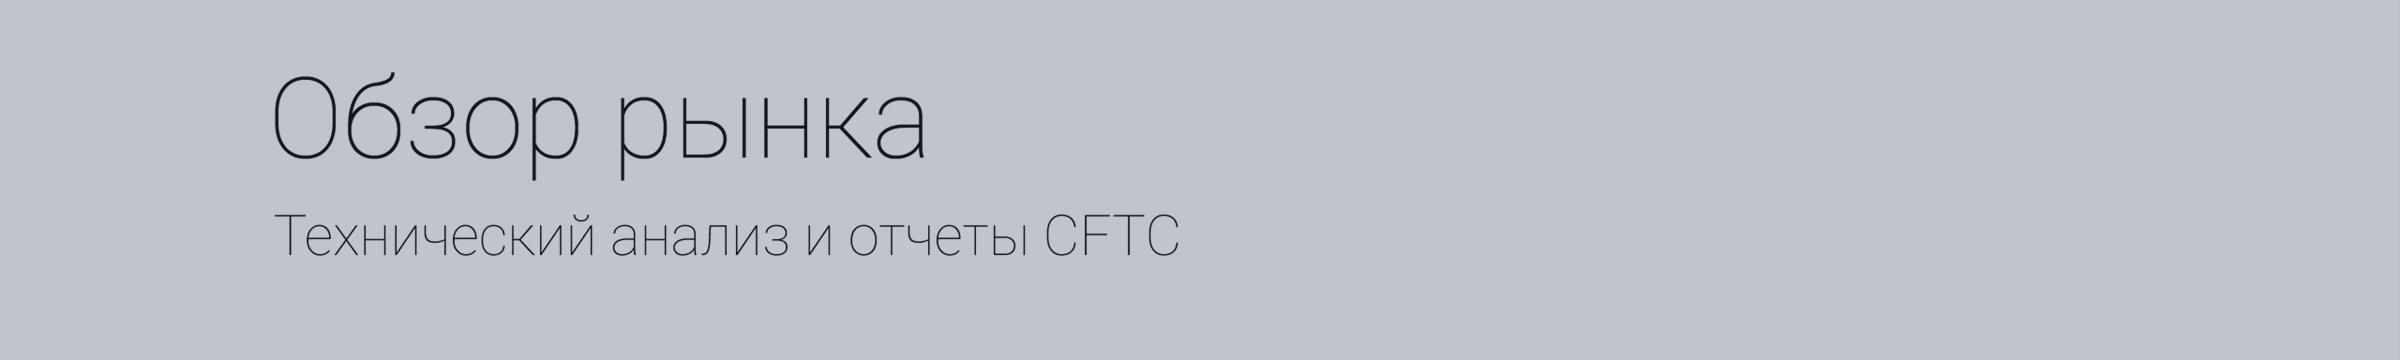 Видеообзор финансовых рынков / Отчеты CFTC (2 — 6 мая)